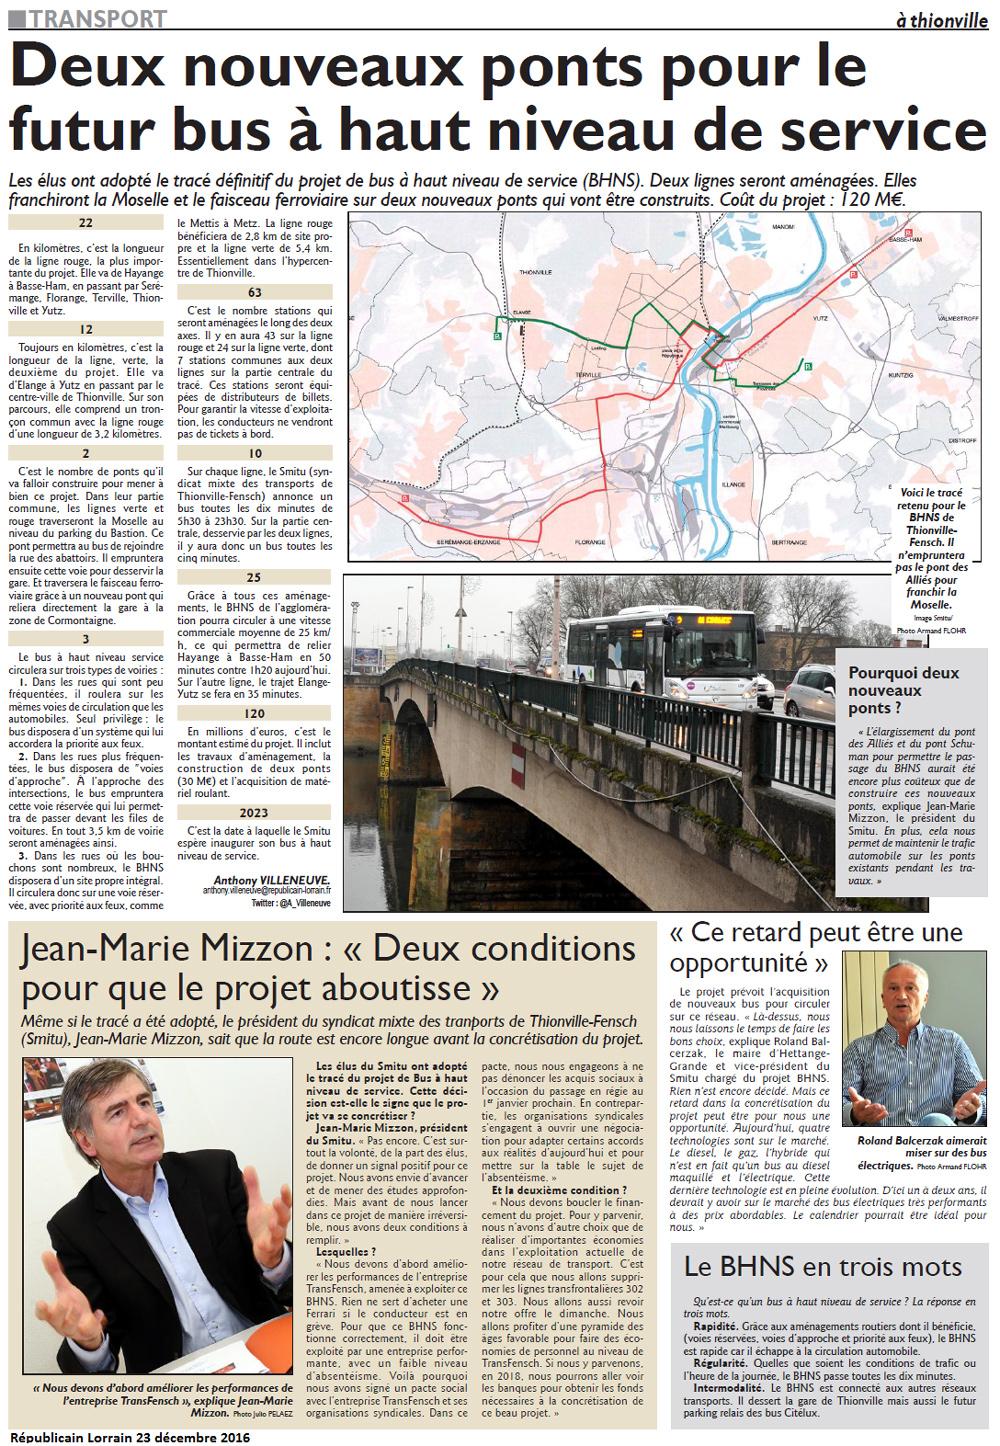 Le Républicain Lorrain Thionville-Hayange, 23 décembre 2016